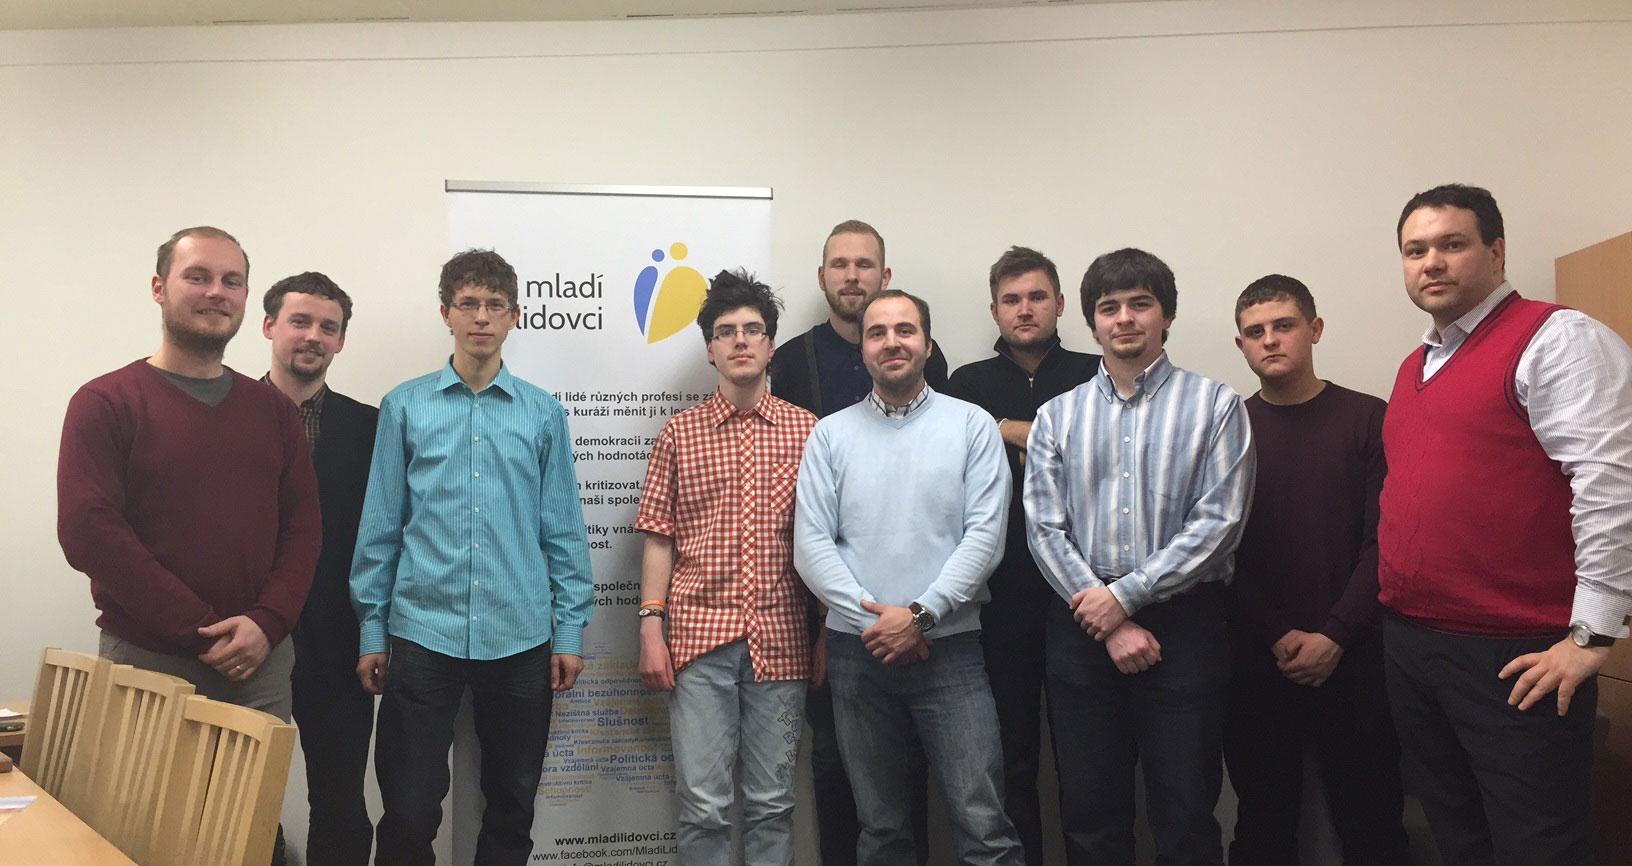 Moravskoslezští Mladí lidovci nabírají směr